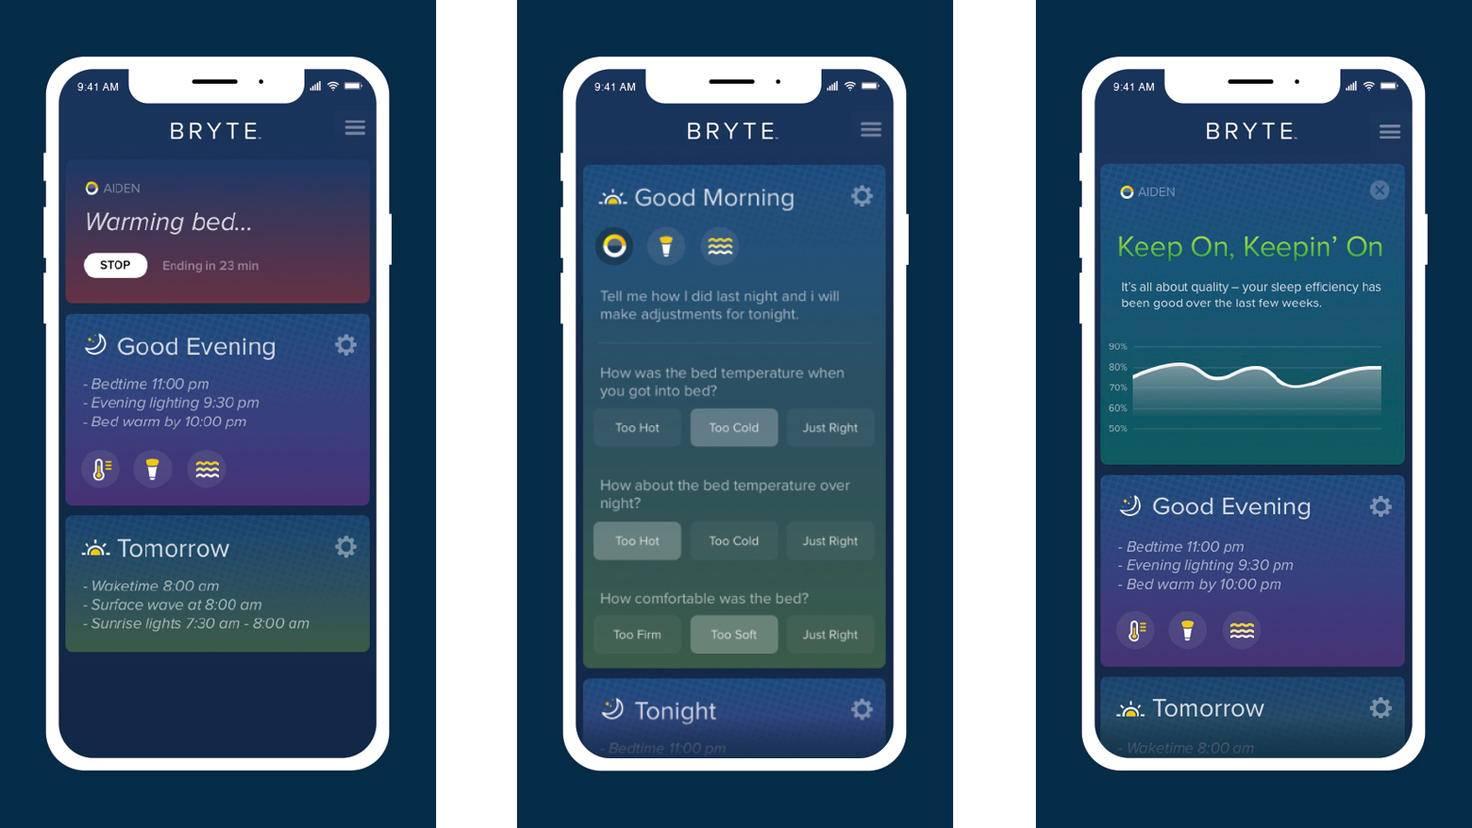 Bryte Bed Aiden App